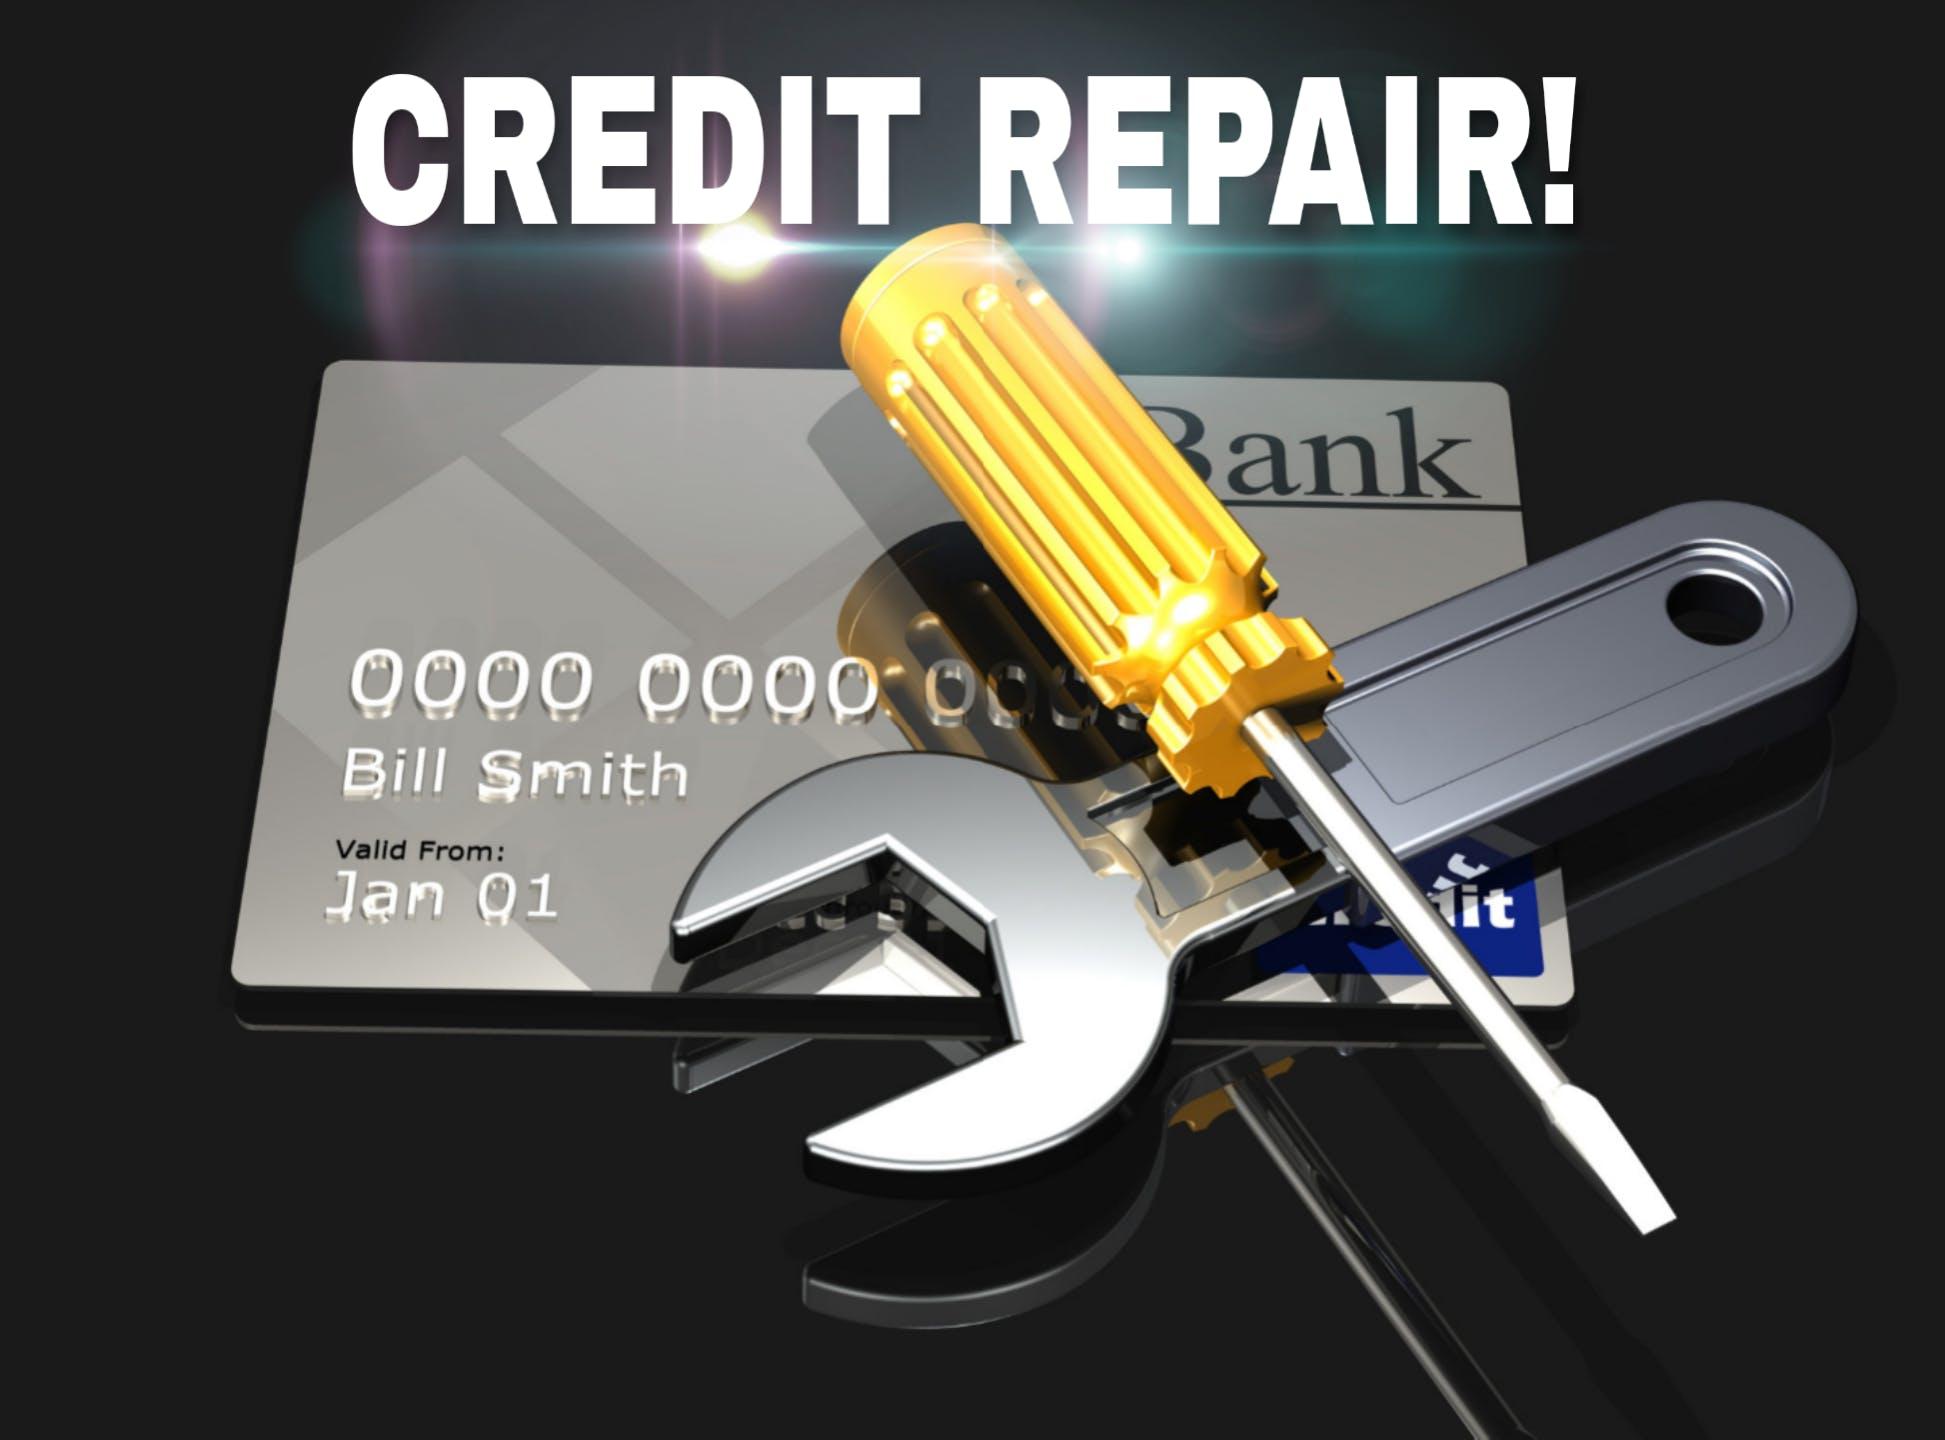 Credit Repair Specials At 6480 Chupp Rd Lithonia